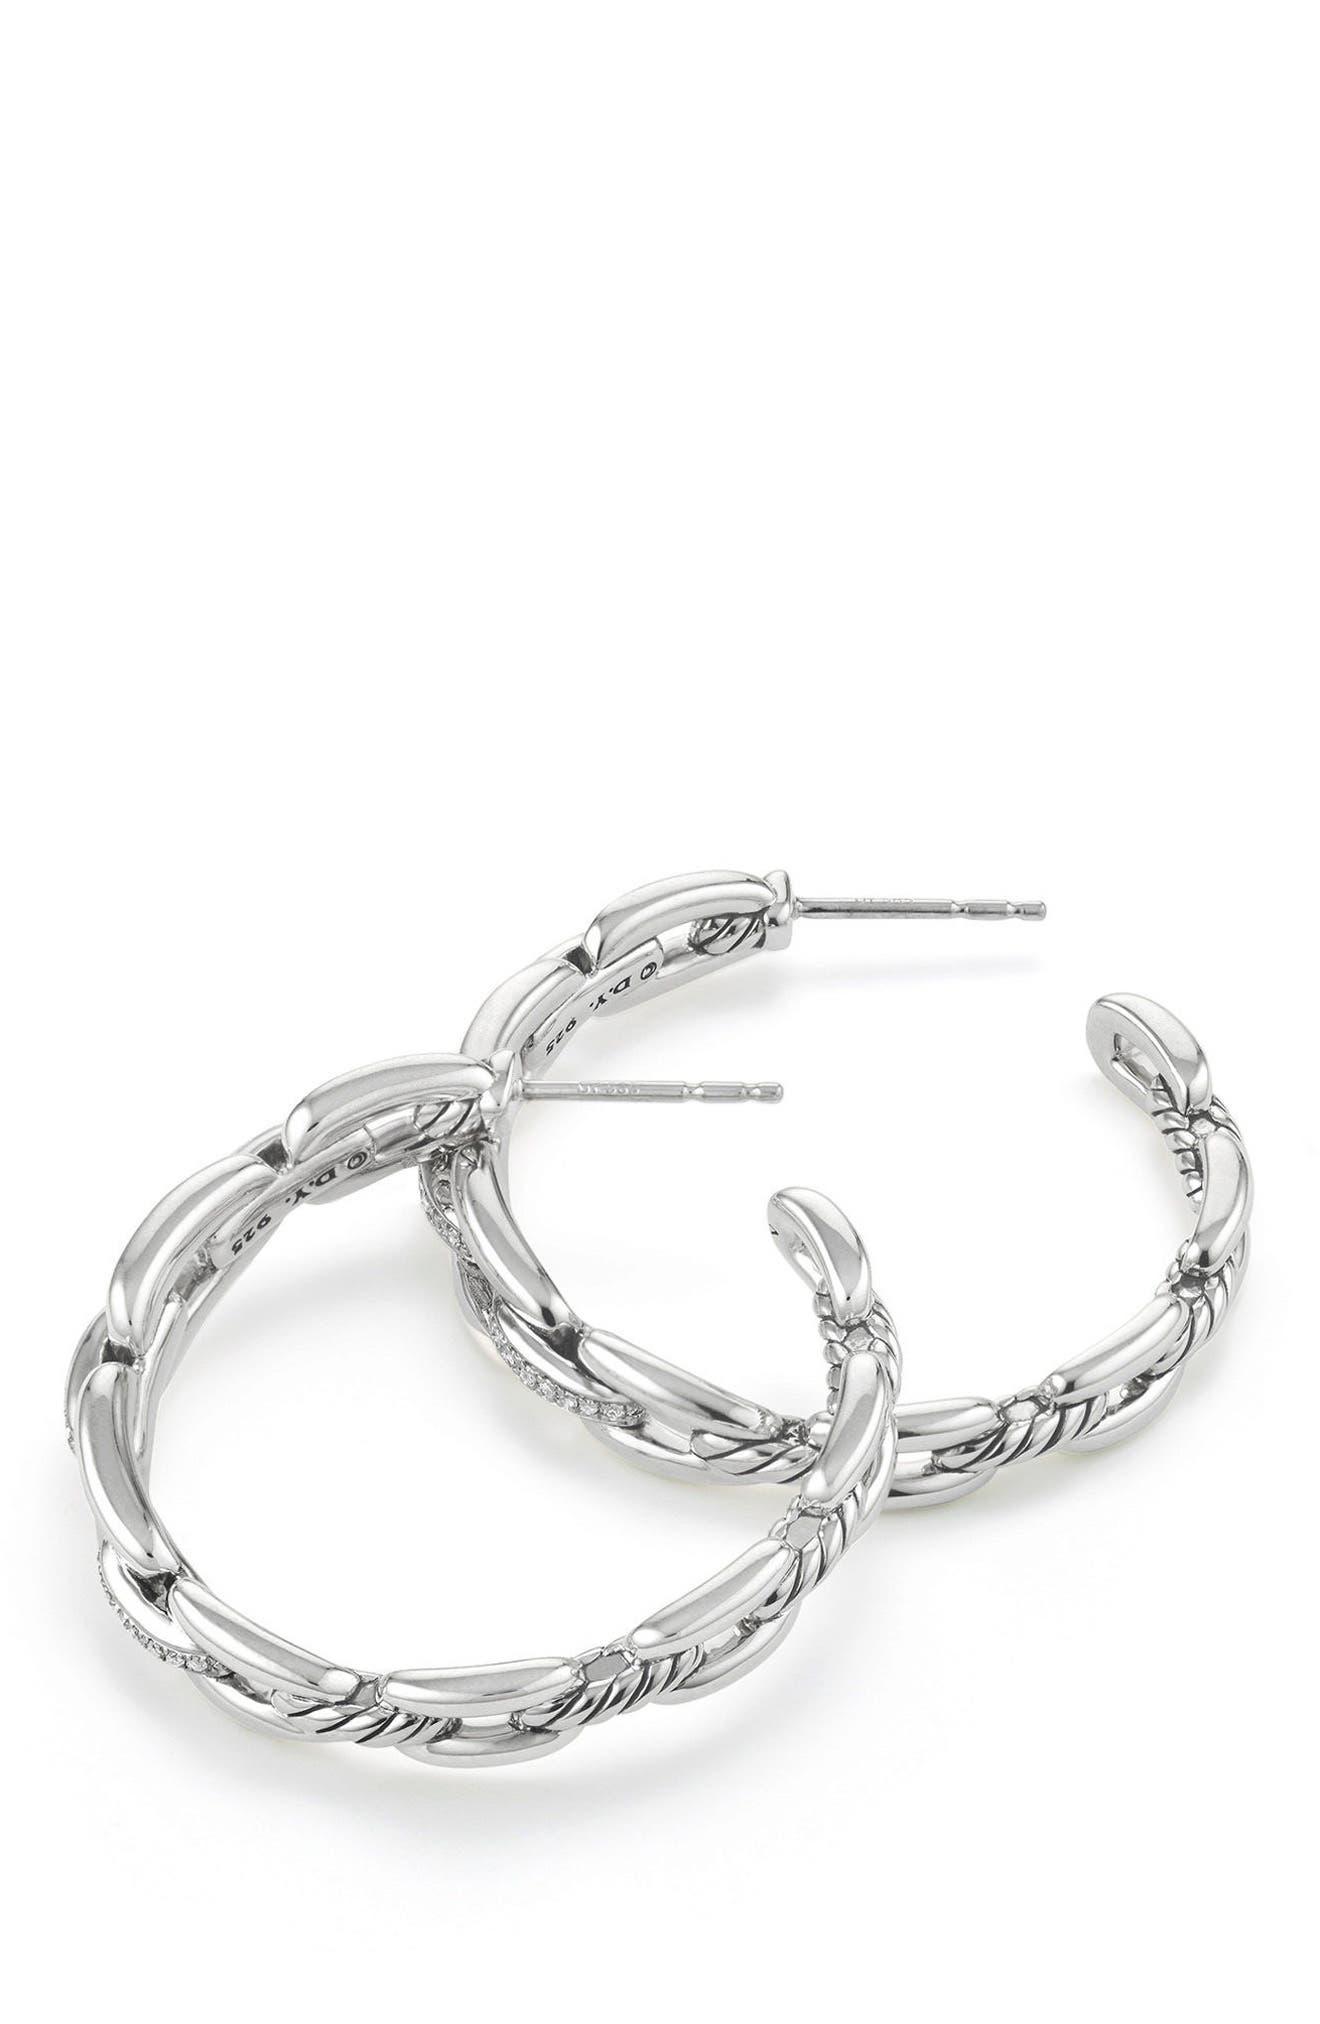 Wellesley 23mm Hoop Earrings with Diamonds,                             Alternate thumbnail 2, color,                             SILVER